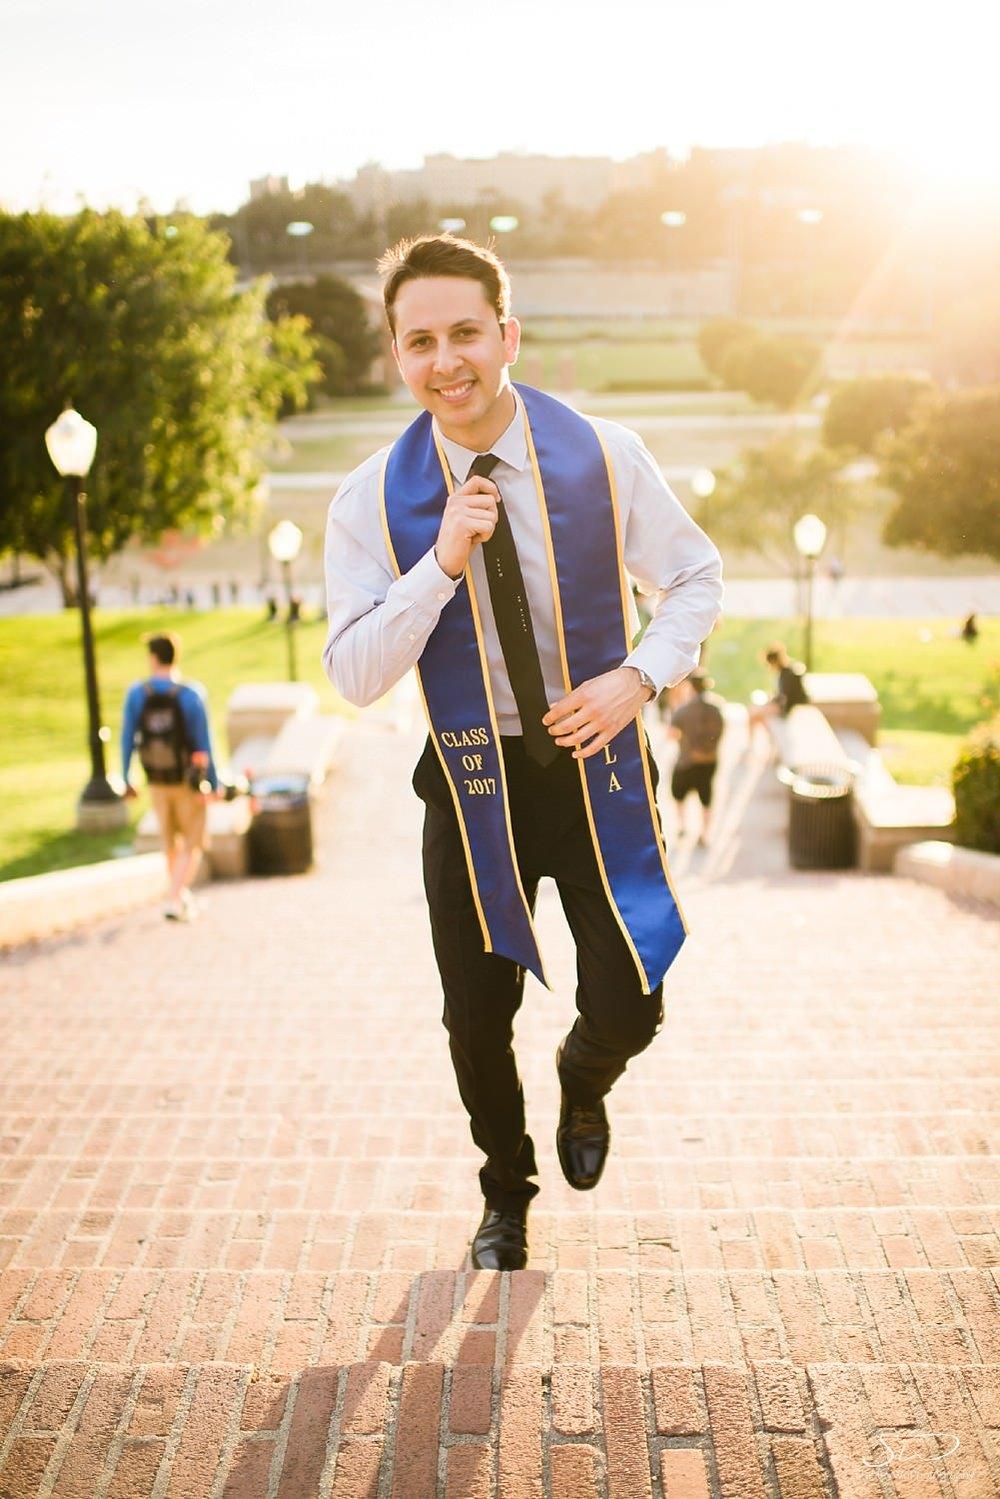 los-angeles-ucla-senior-graduation-portraits_0037.jpg